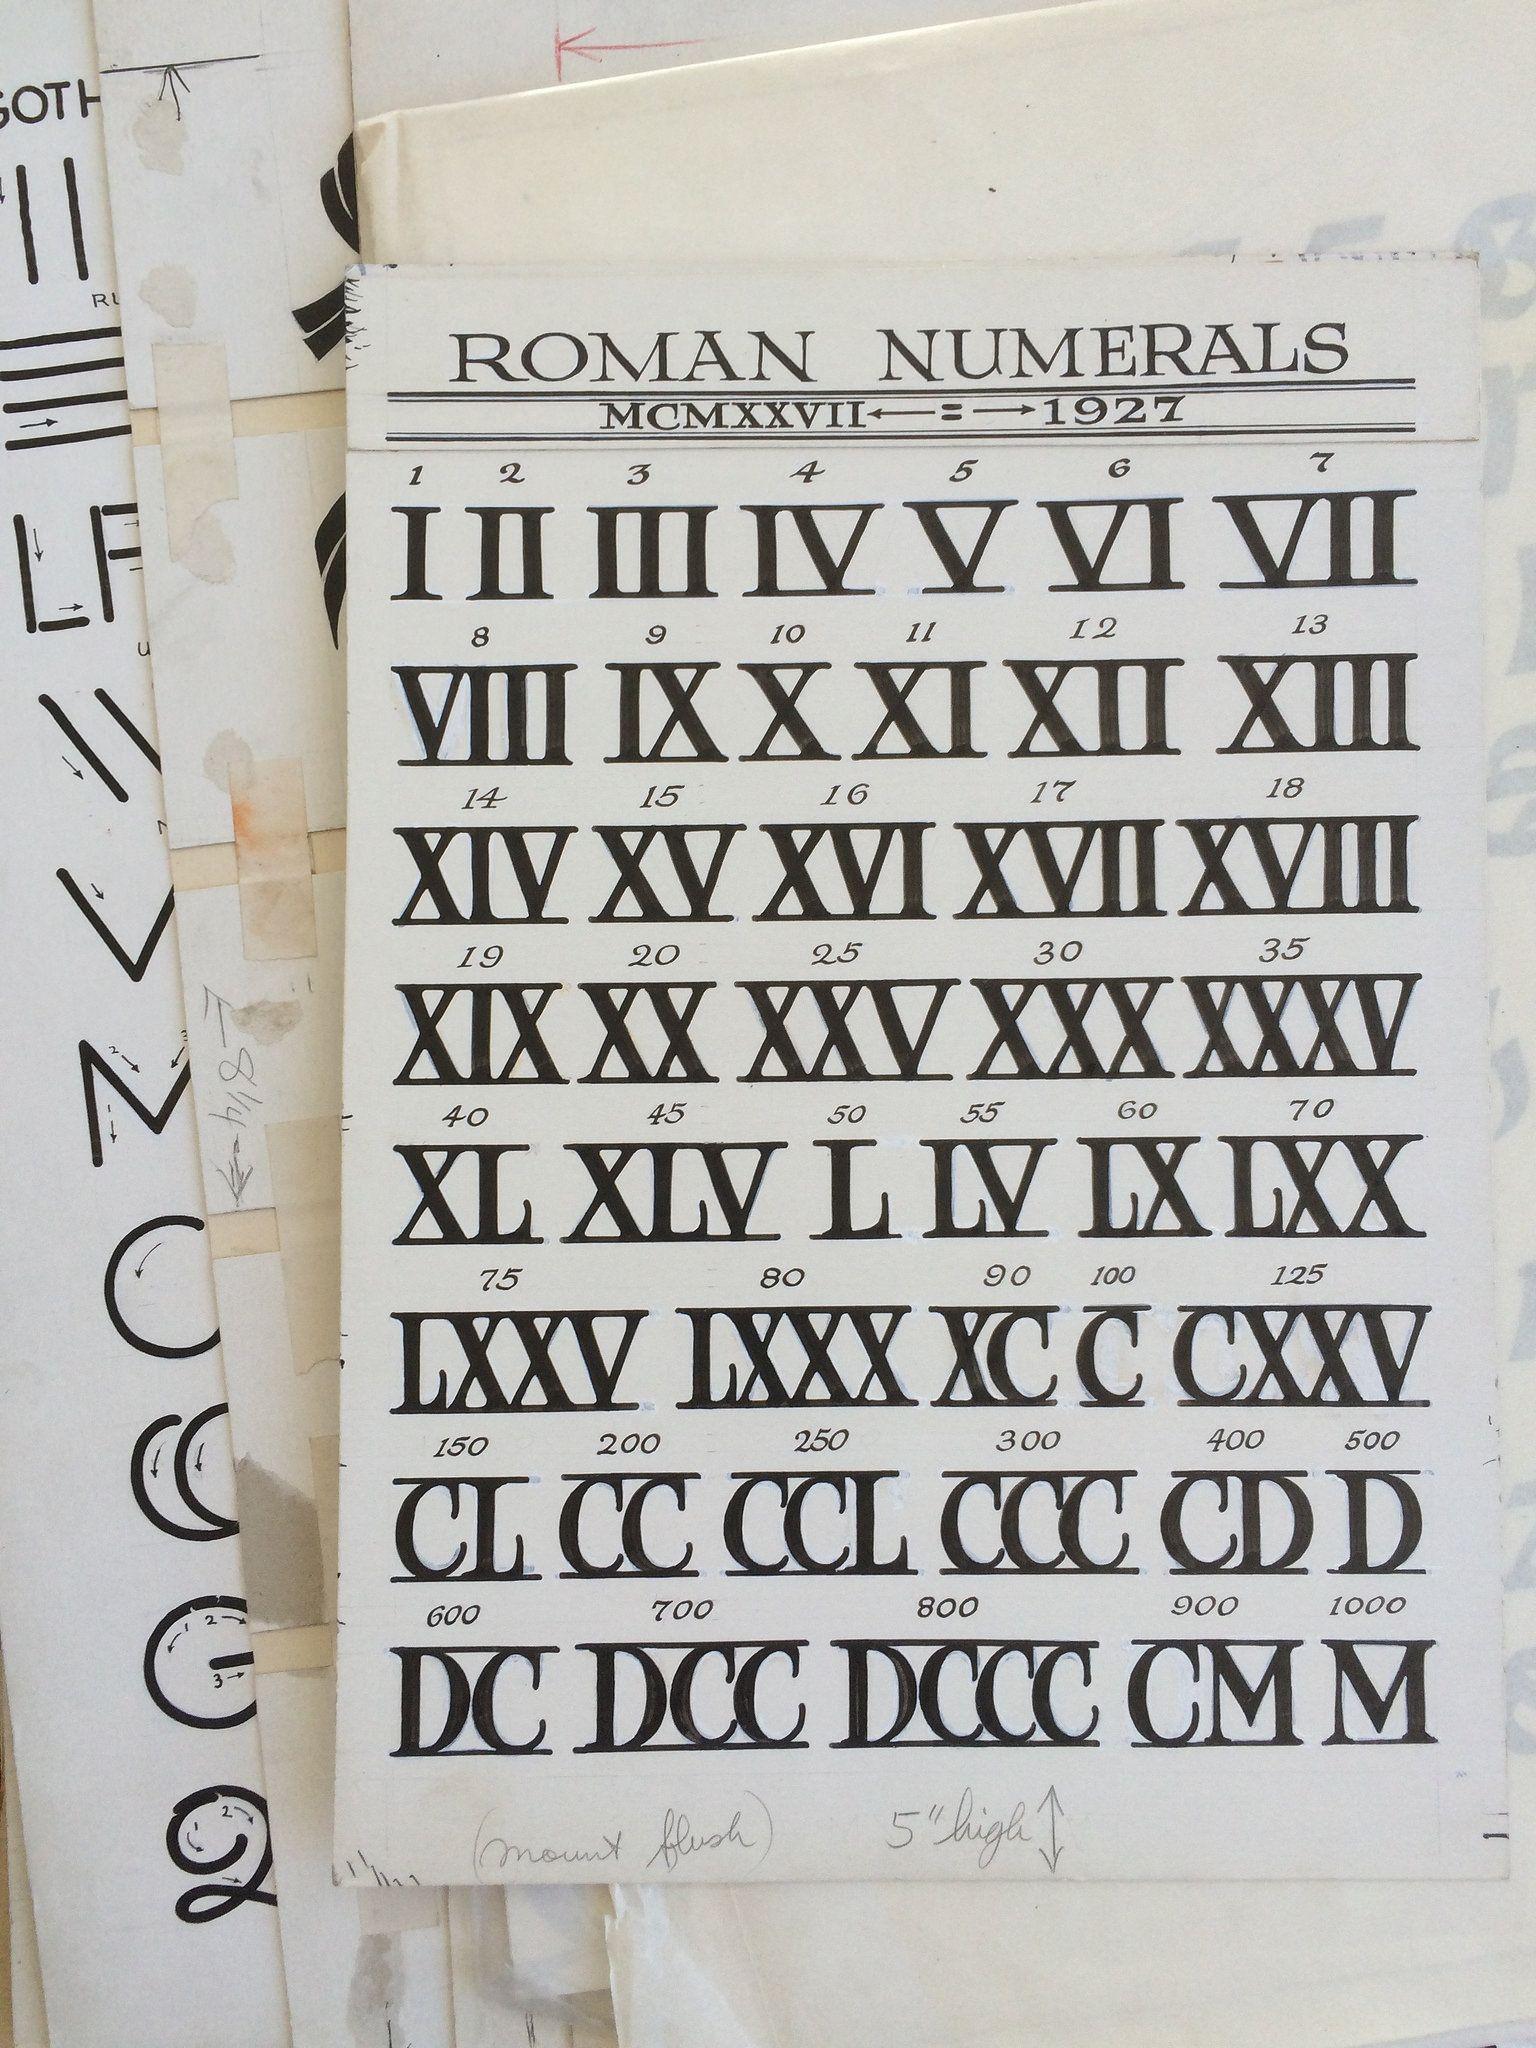 Roman Numeral Tattoos Font: Tattoo Lettering Fonts, Roman Numeral